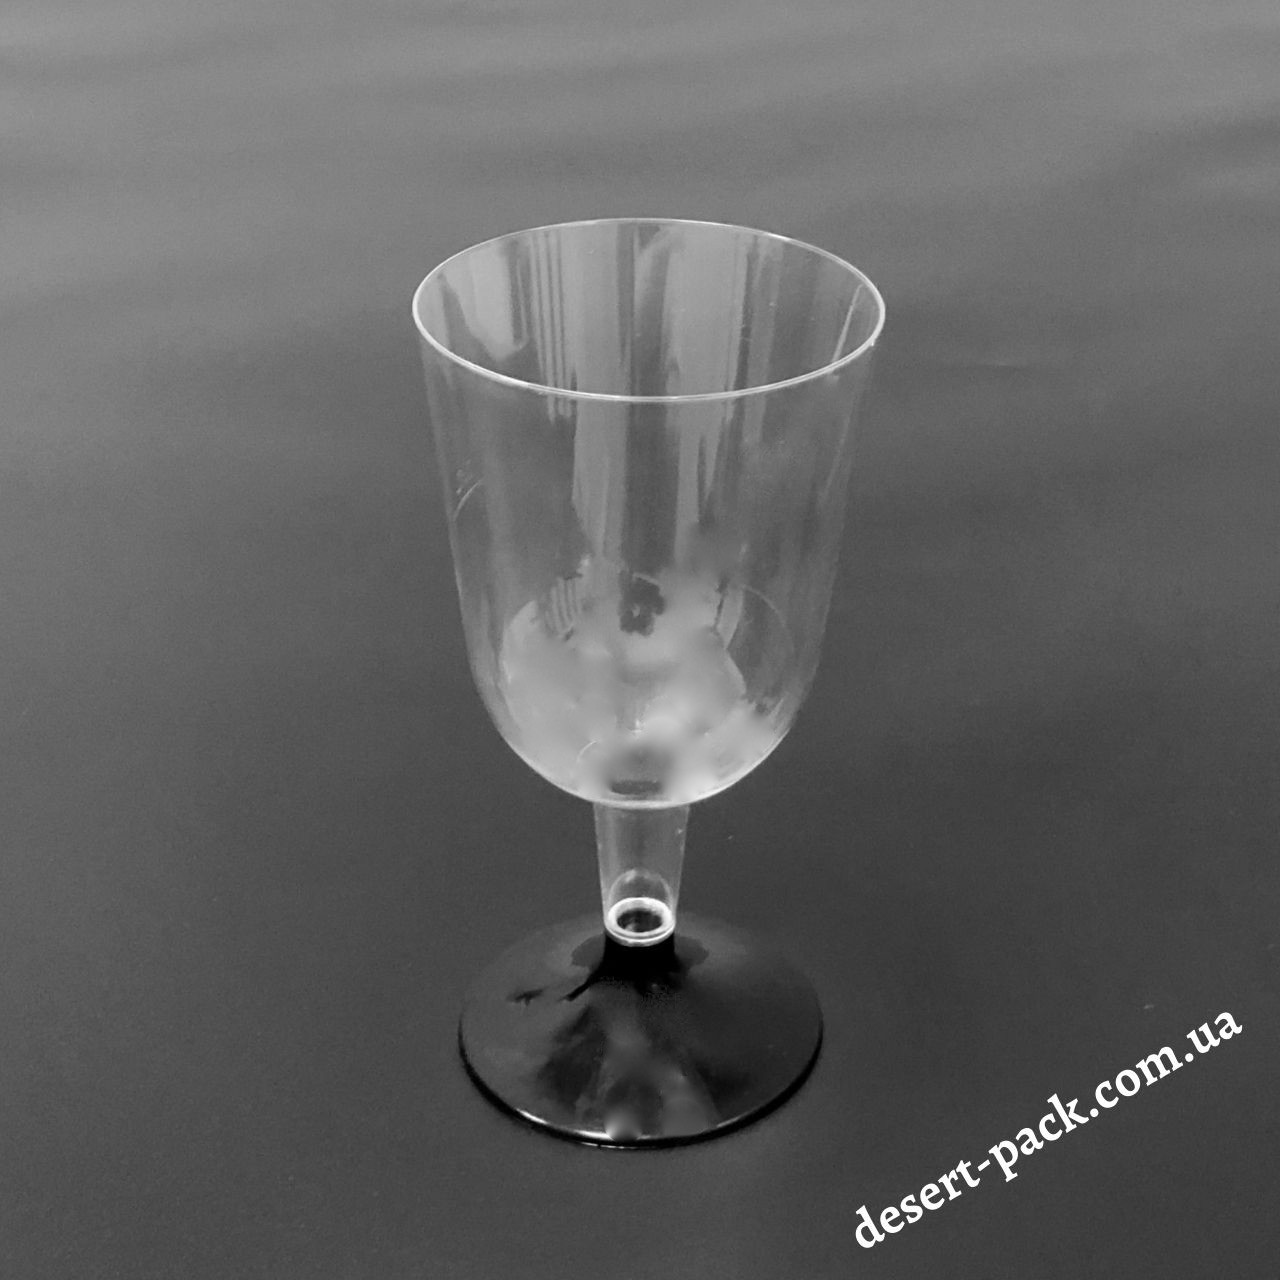 Бокал для вина 220 мл (h-135 мм, ∅-70 мм) пластиковый, одноразовый /черная ножка/